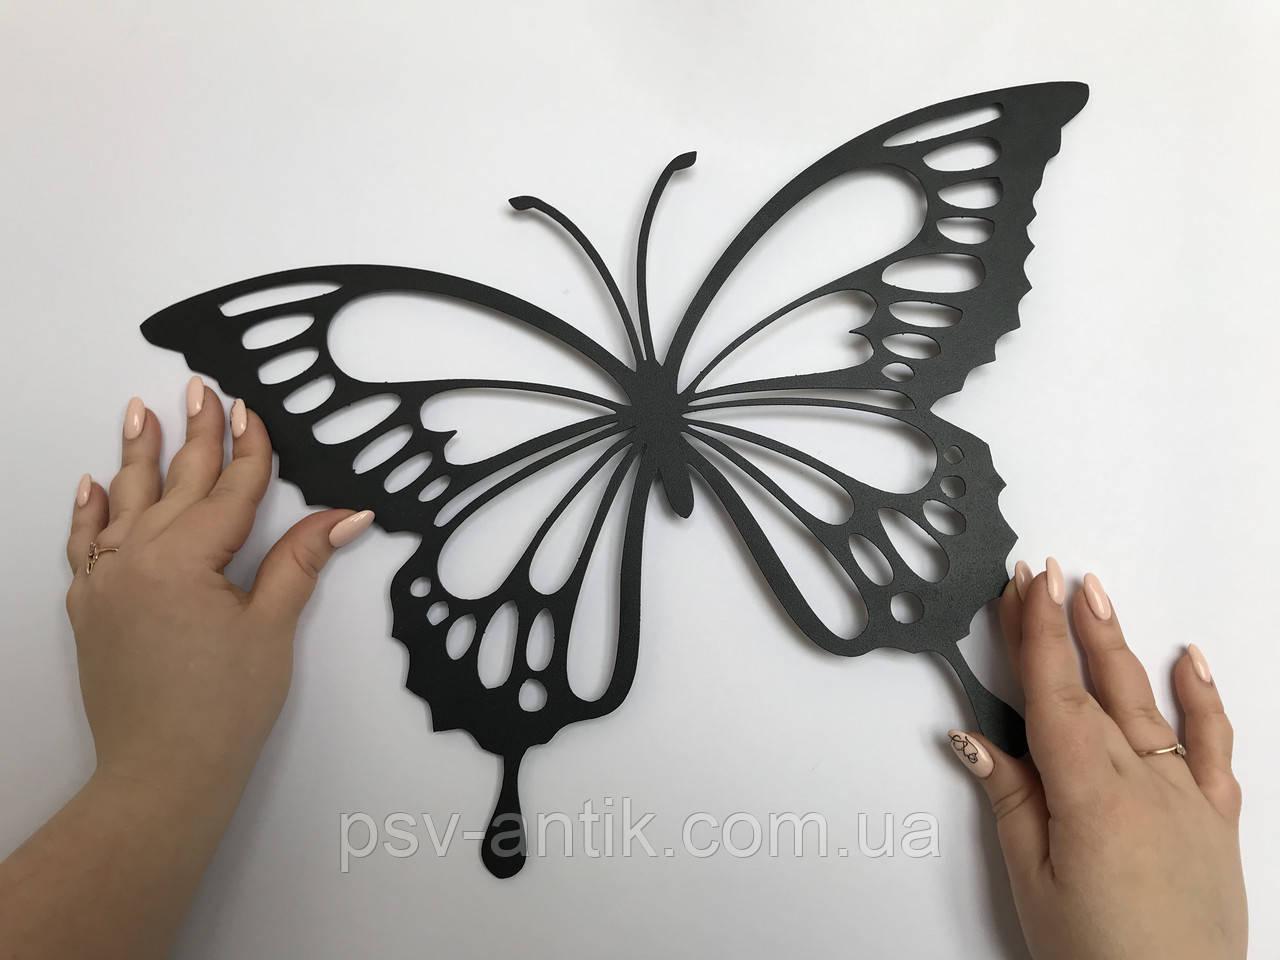 Панно «Метелик»